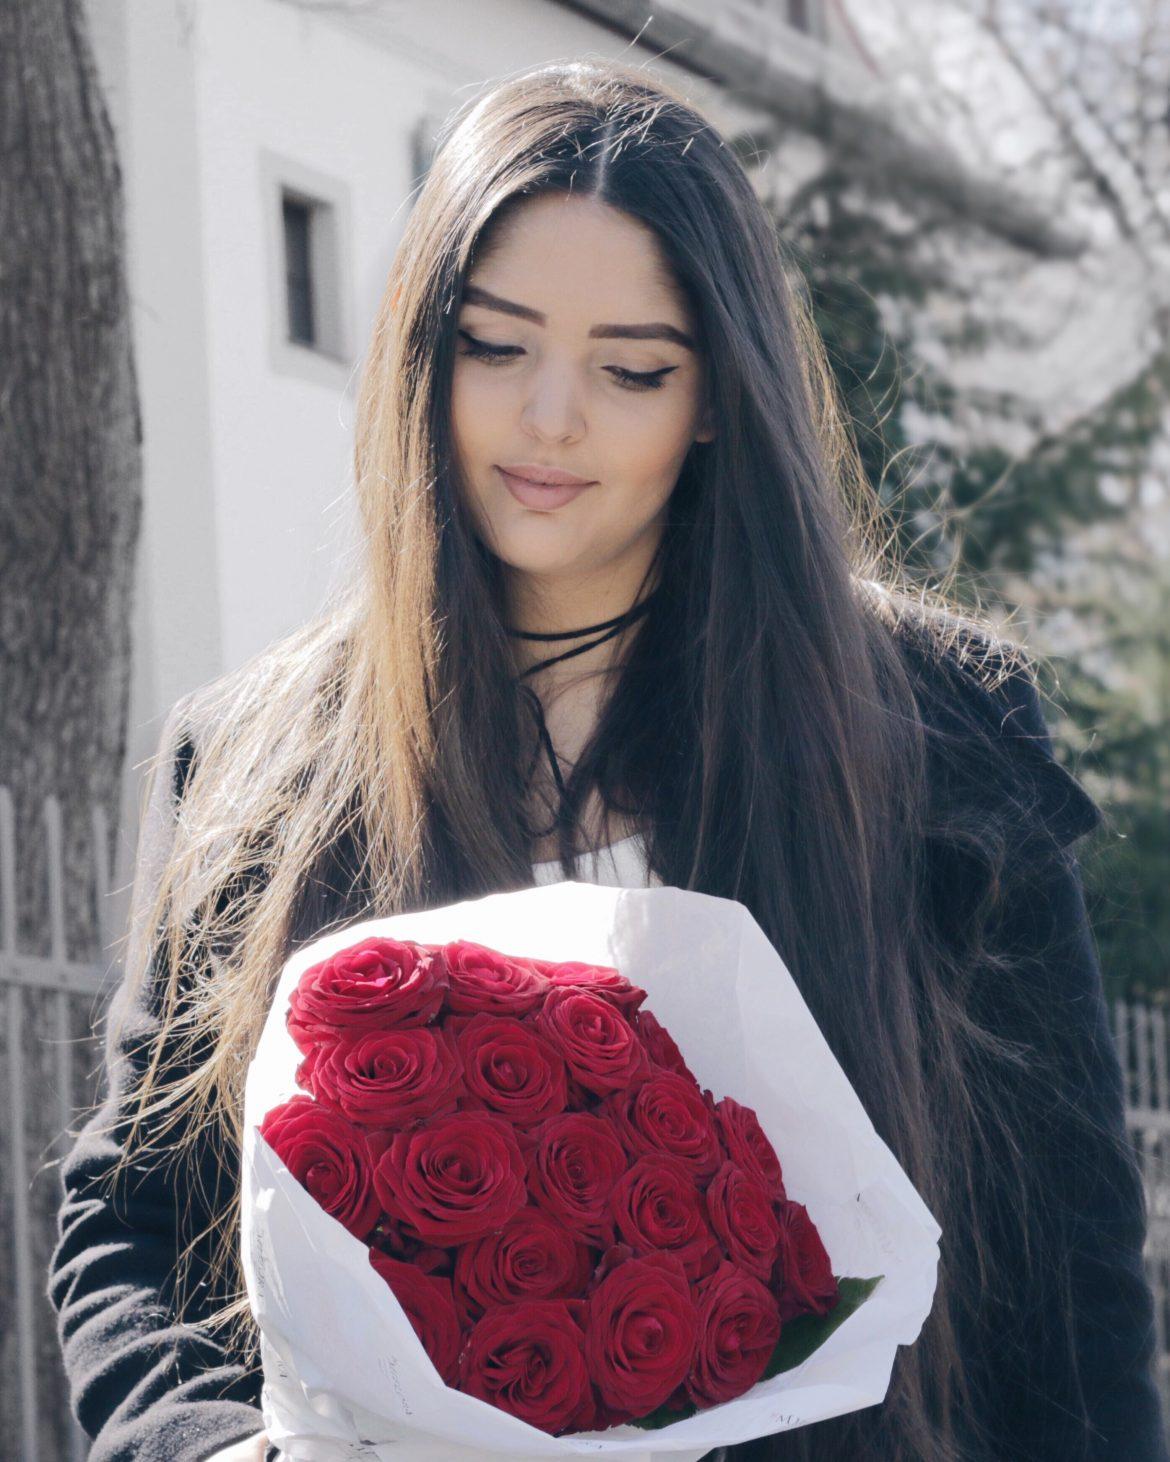 4 Dia das mães - Bouquet de rosas vermelhas - Kezia Happuck